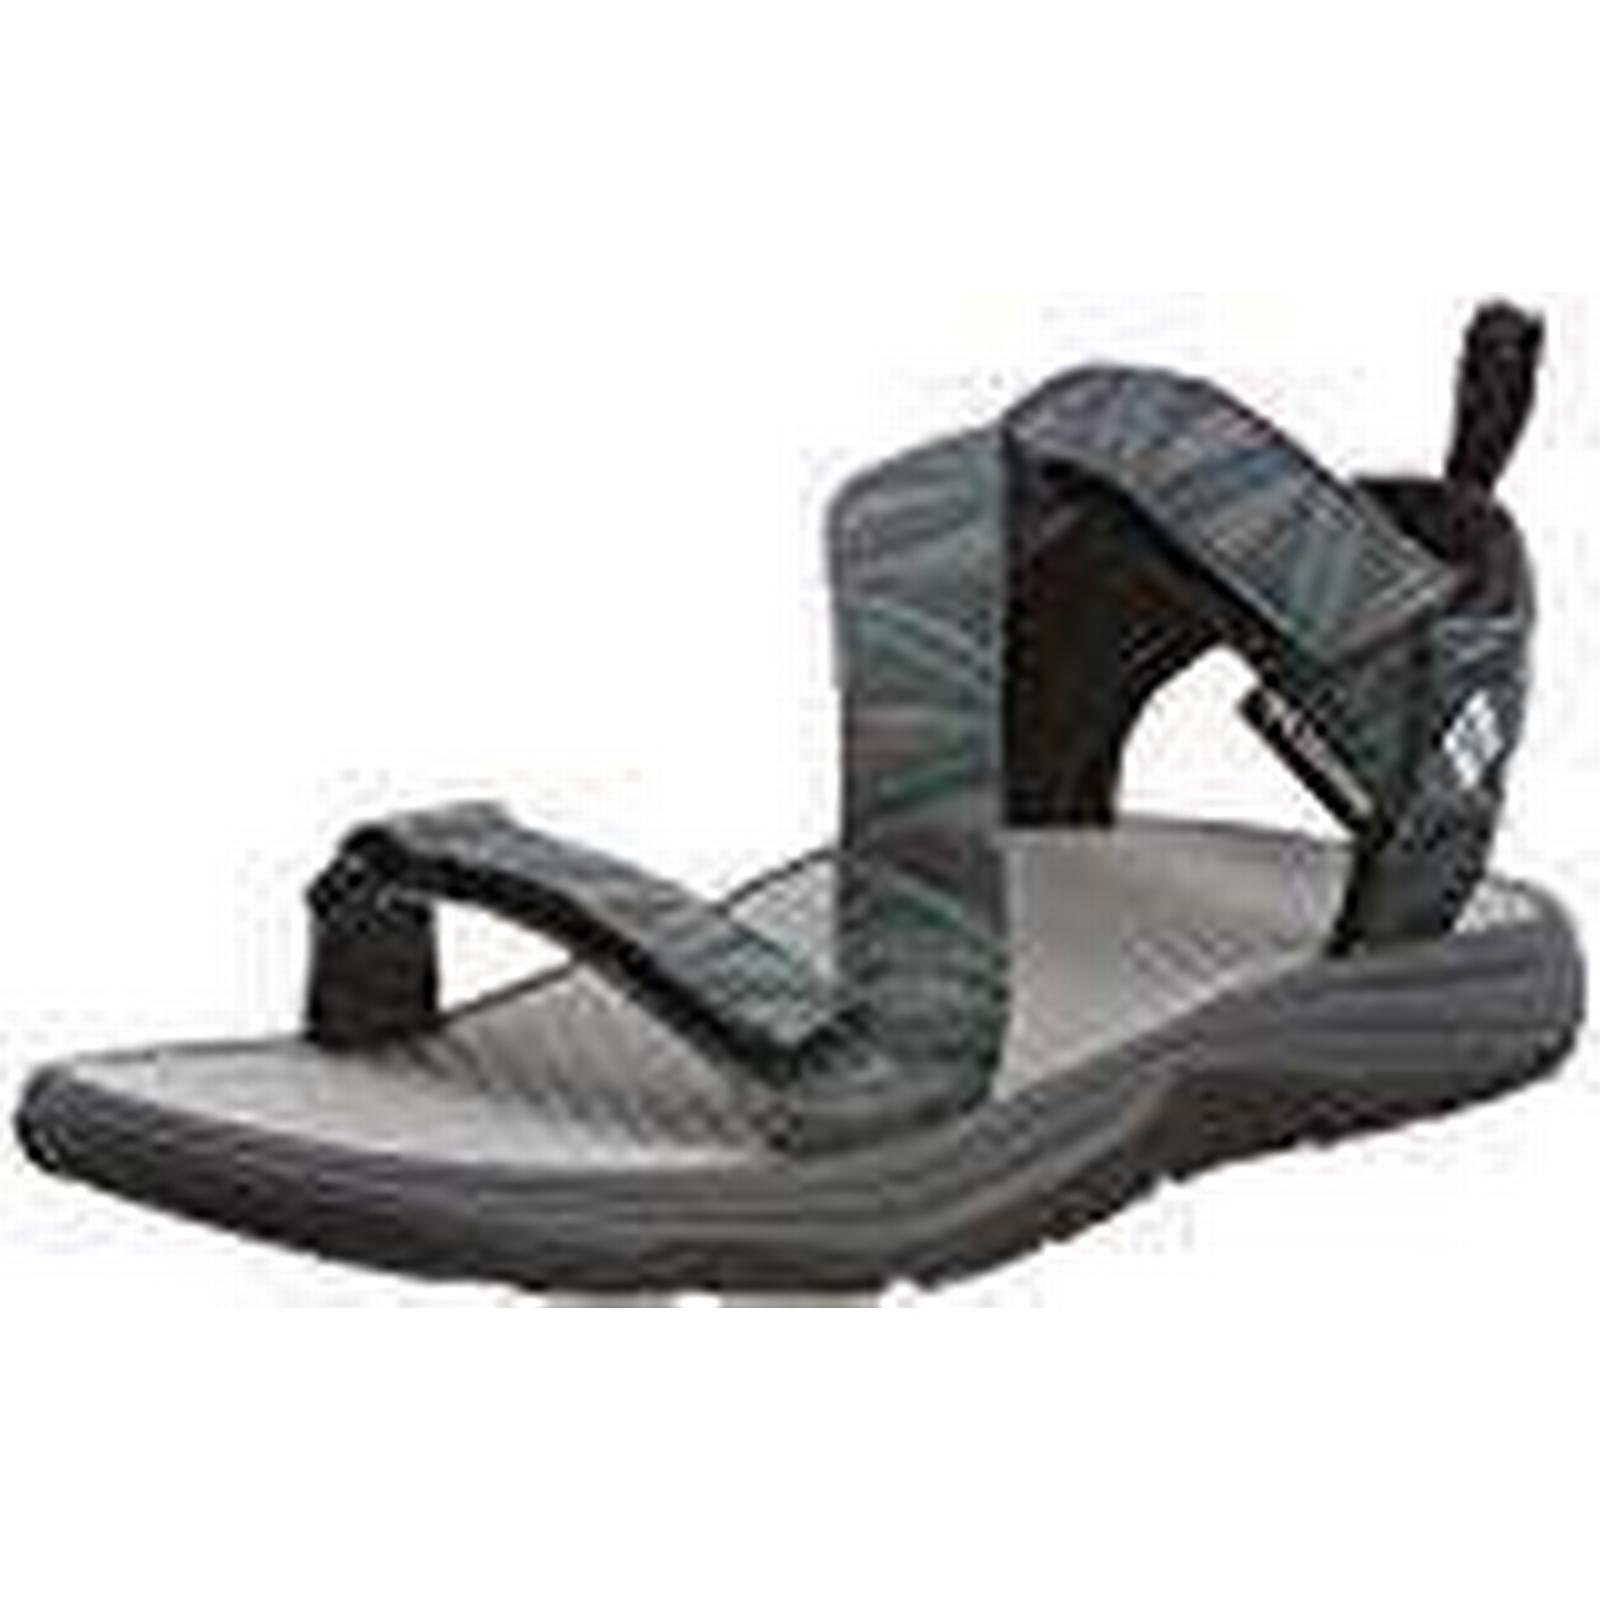 Columbia Men's Sandals, WAVE TRAIN, 10 Grey (Graphite/ White), Size: 10 TRAIN, f7892a